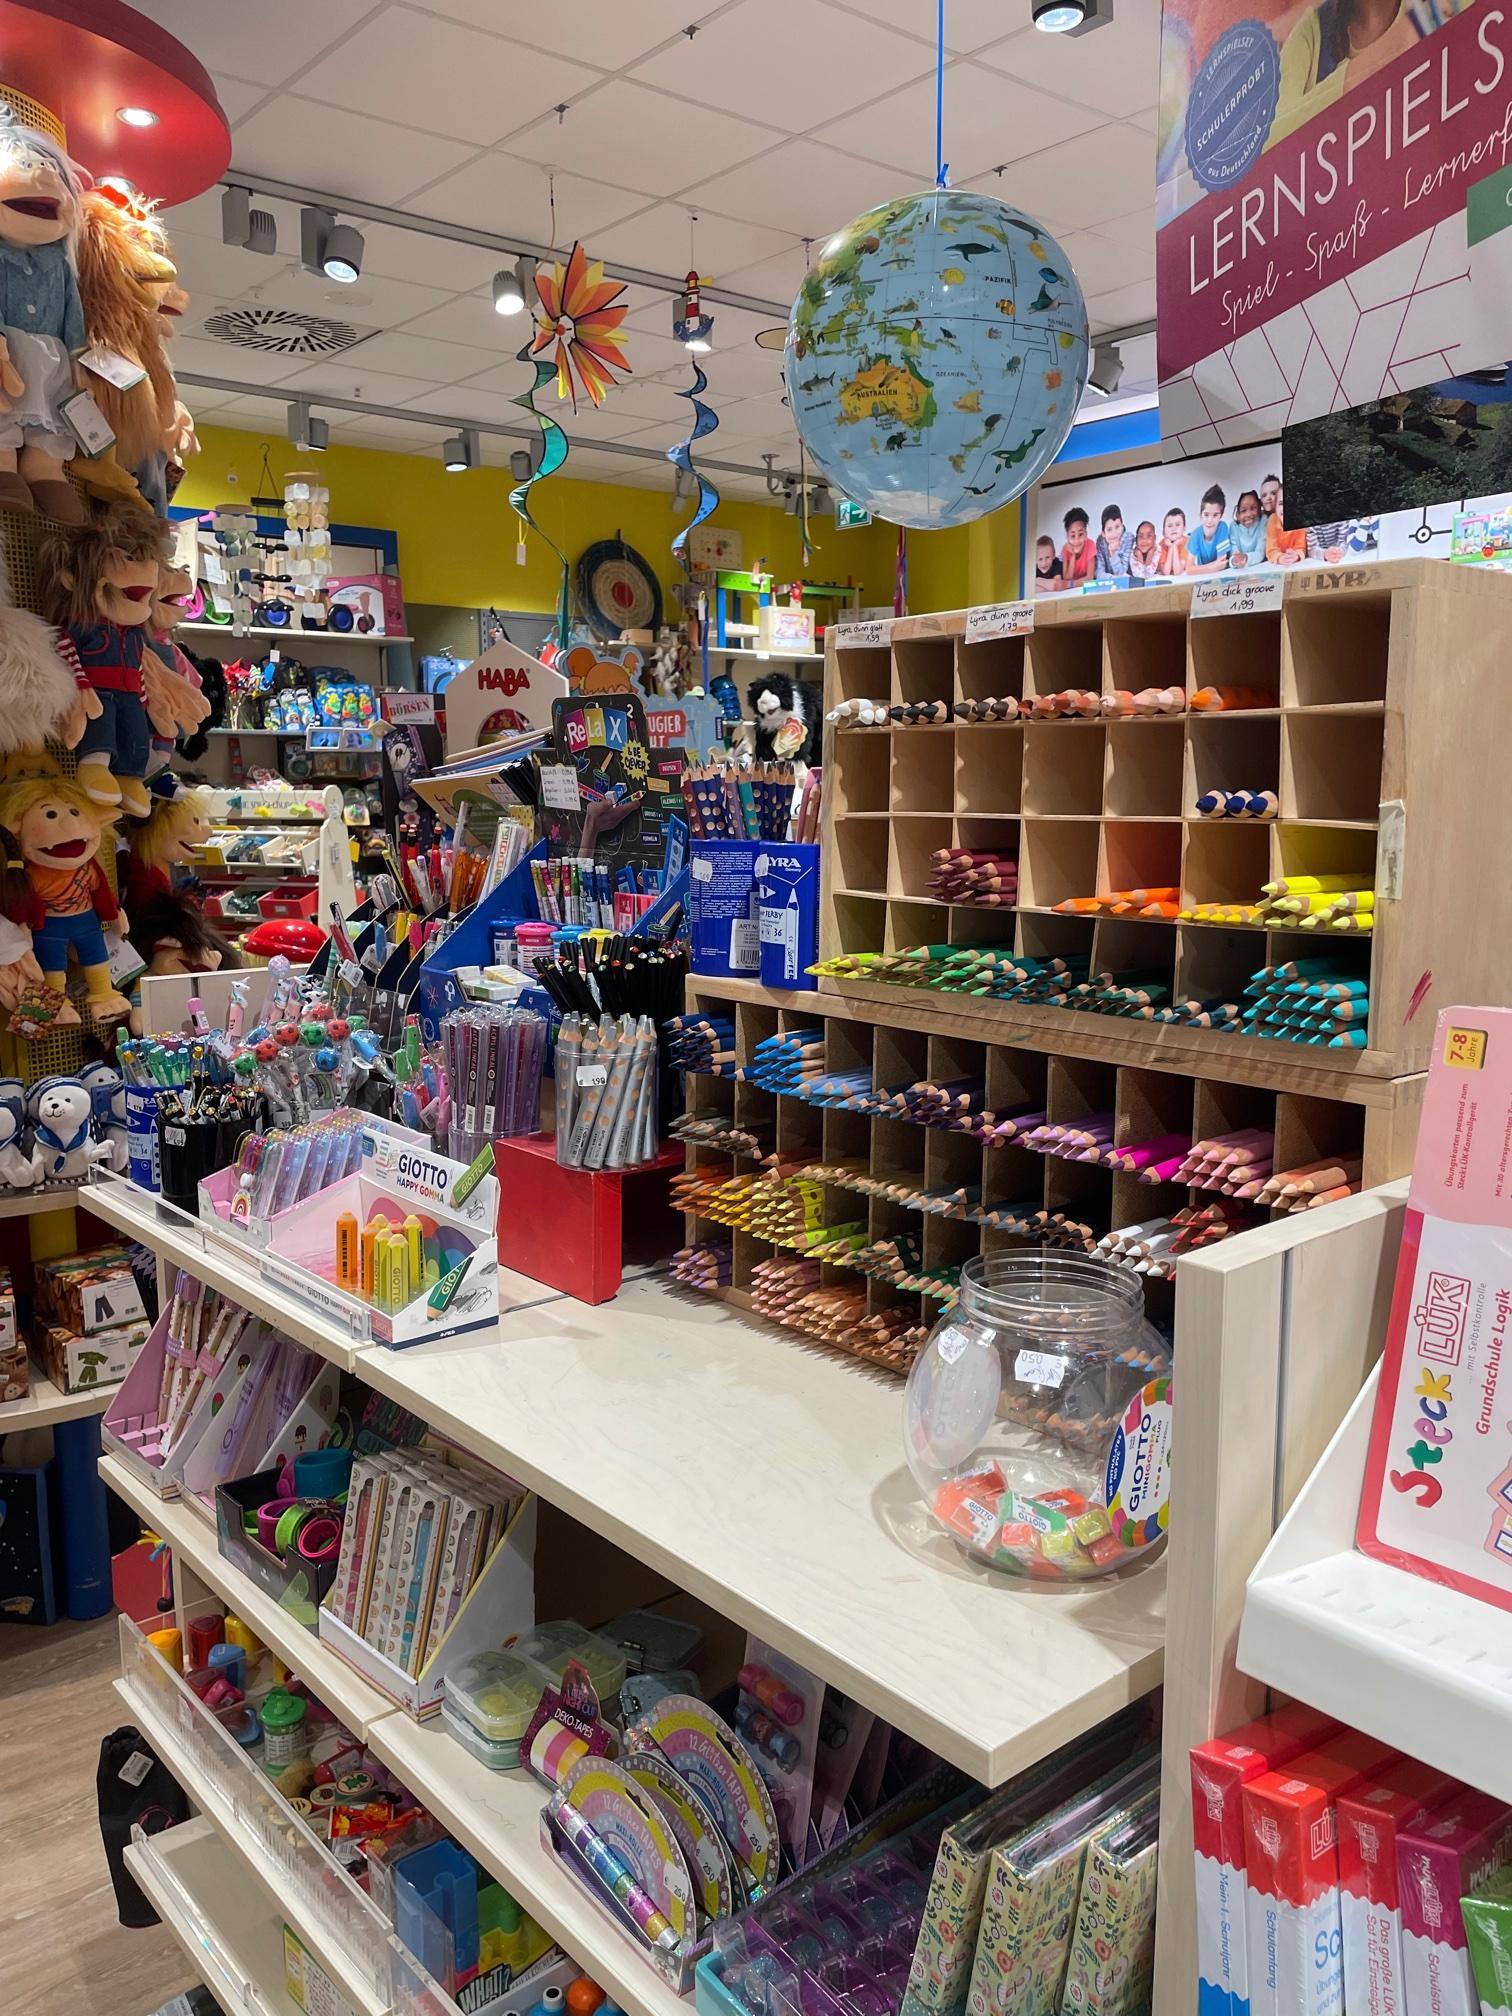 Schönfelder Spielzeug GmbH